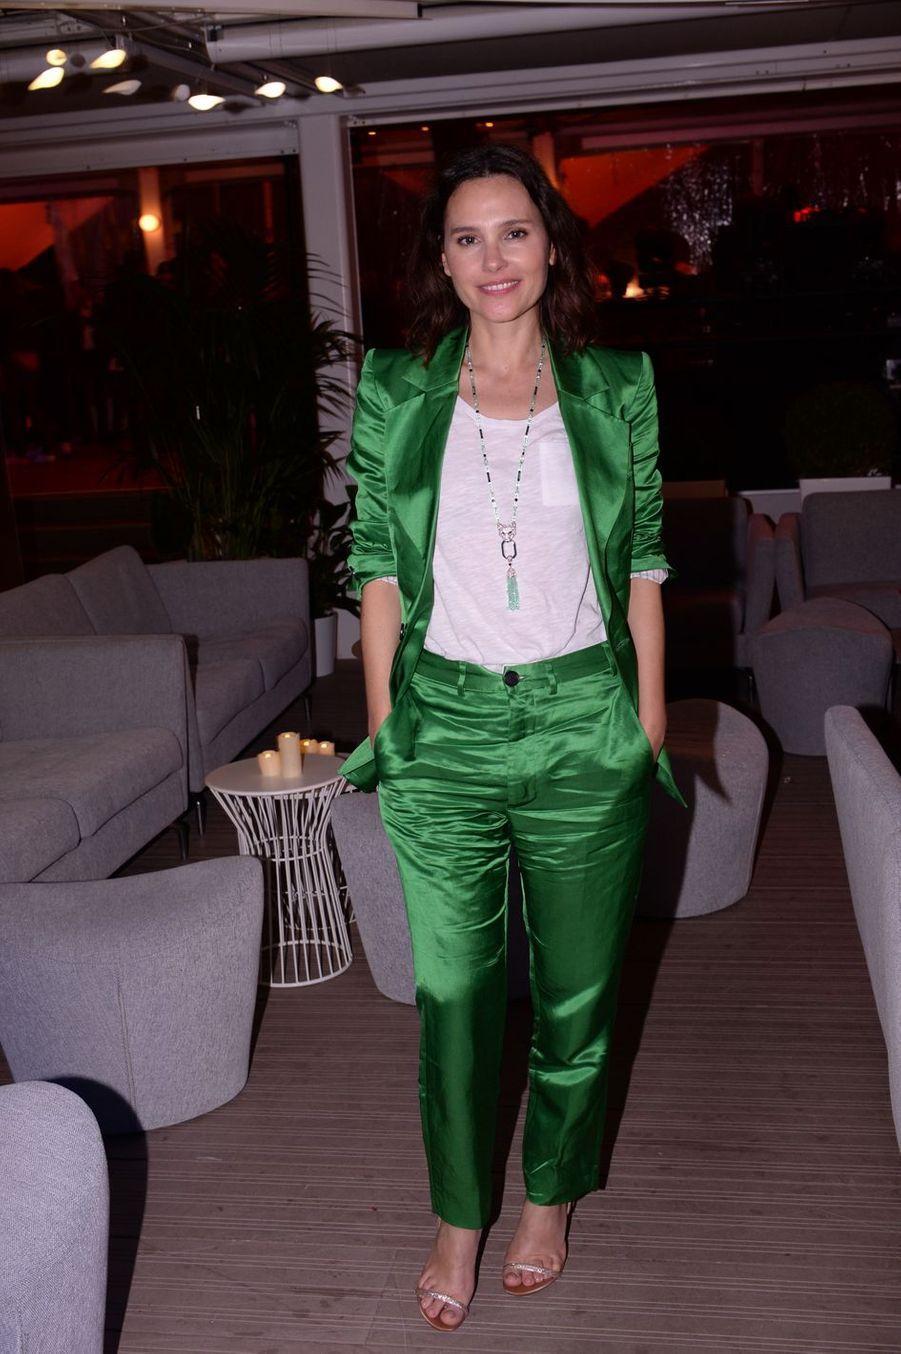 Virginie Ledoyenlors de la soirée Orange à Cannes, le 18 mai 2019